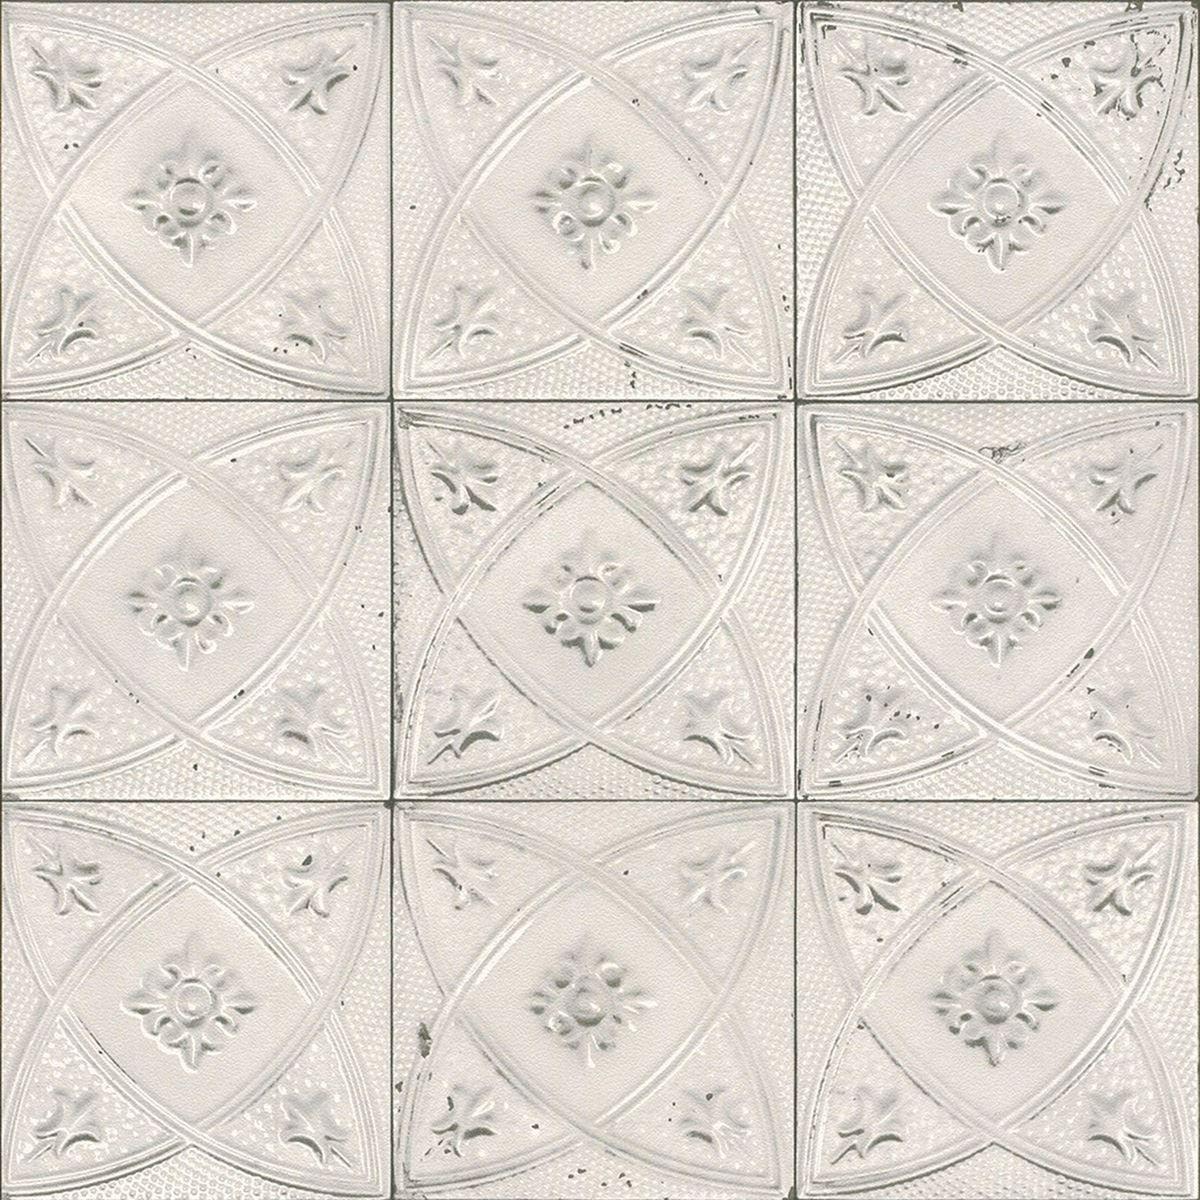 Ceramic Tile Wallpaper Rasch 932508 White Ebay Floral Tiles Tile Wallpaper Wallpaper Design Pattern